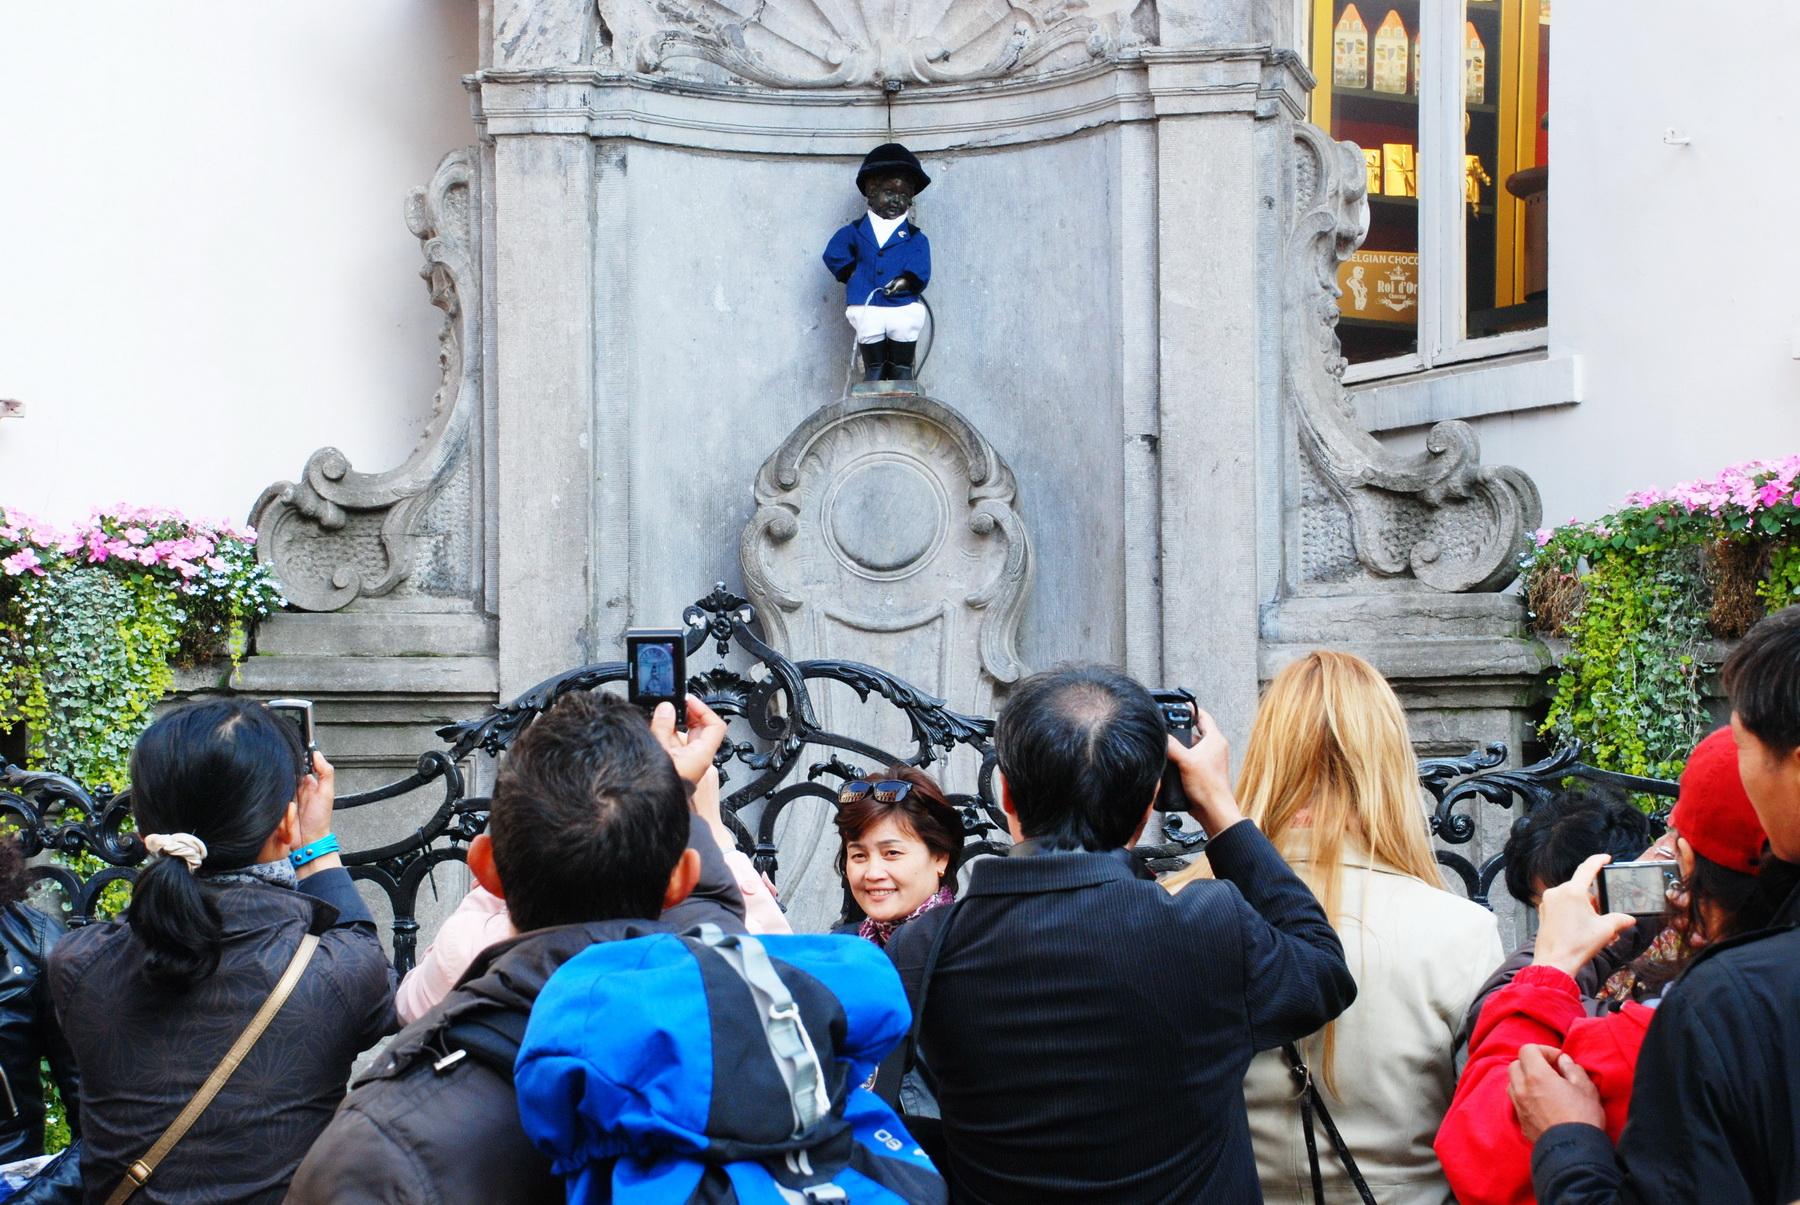 בריסל - מנקן פיס - הפסלון בגודלו האמיתי